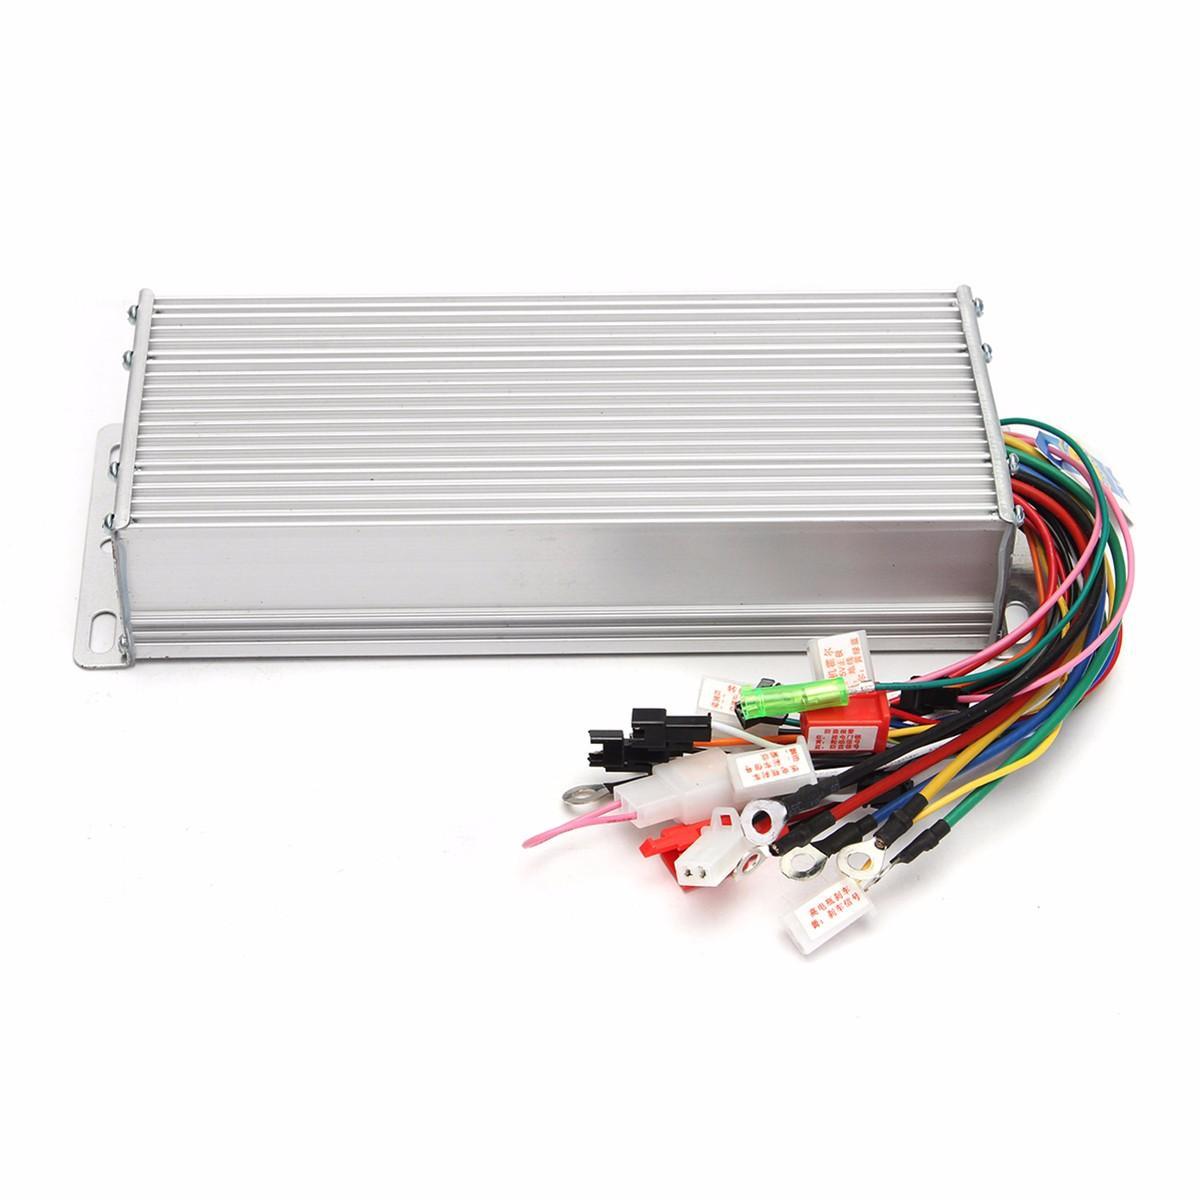 Phase Panel Wiring Diagram Besides 3 Phase Motor Wiring Diagrams